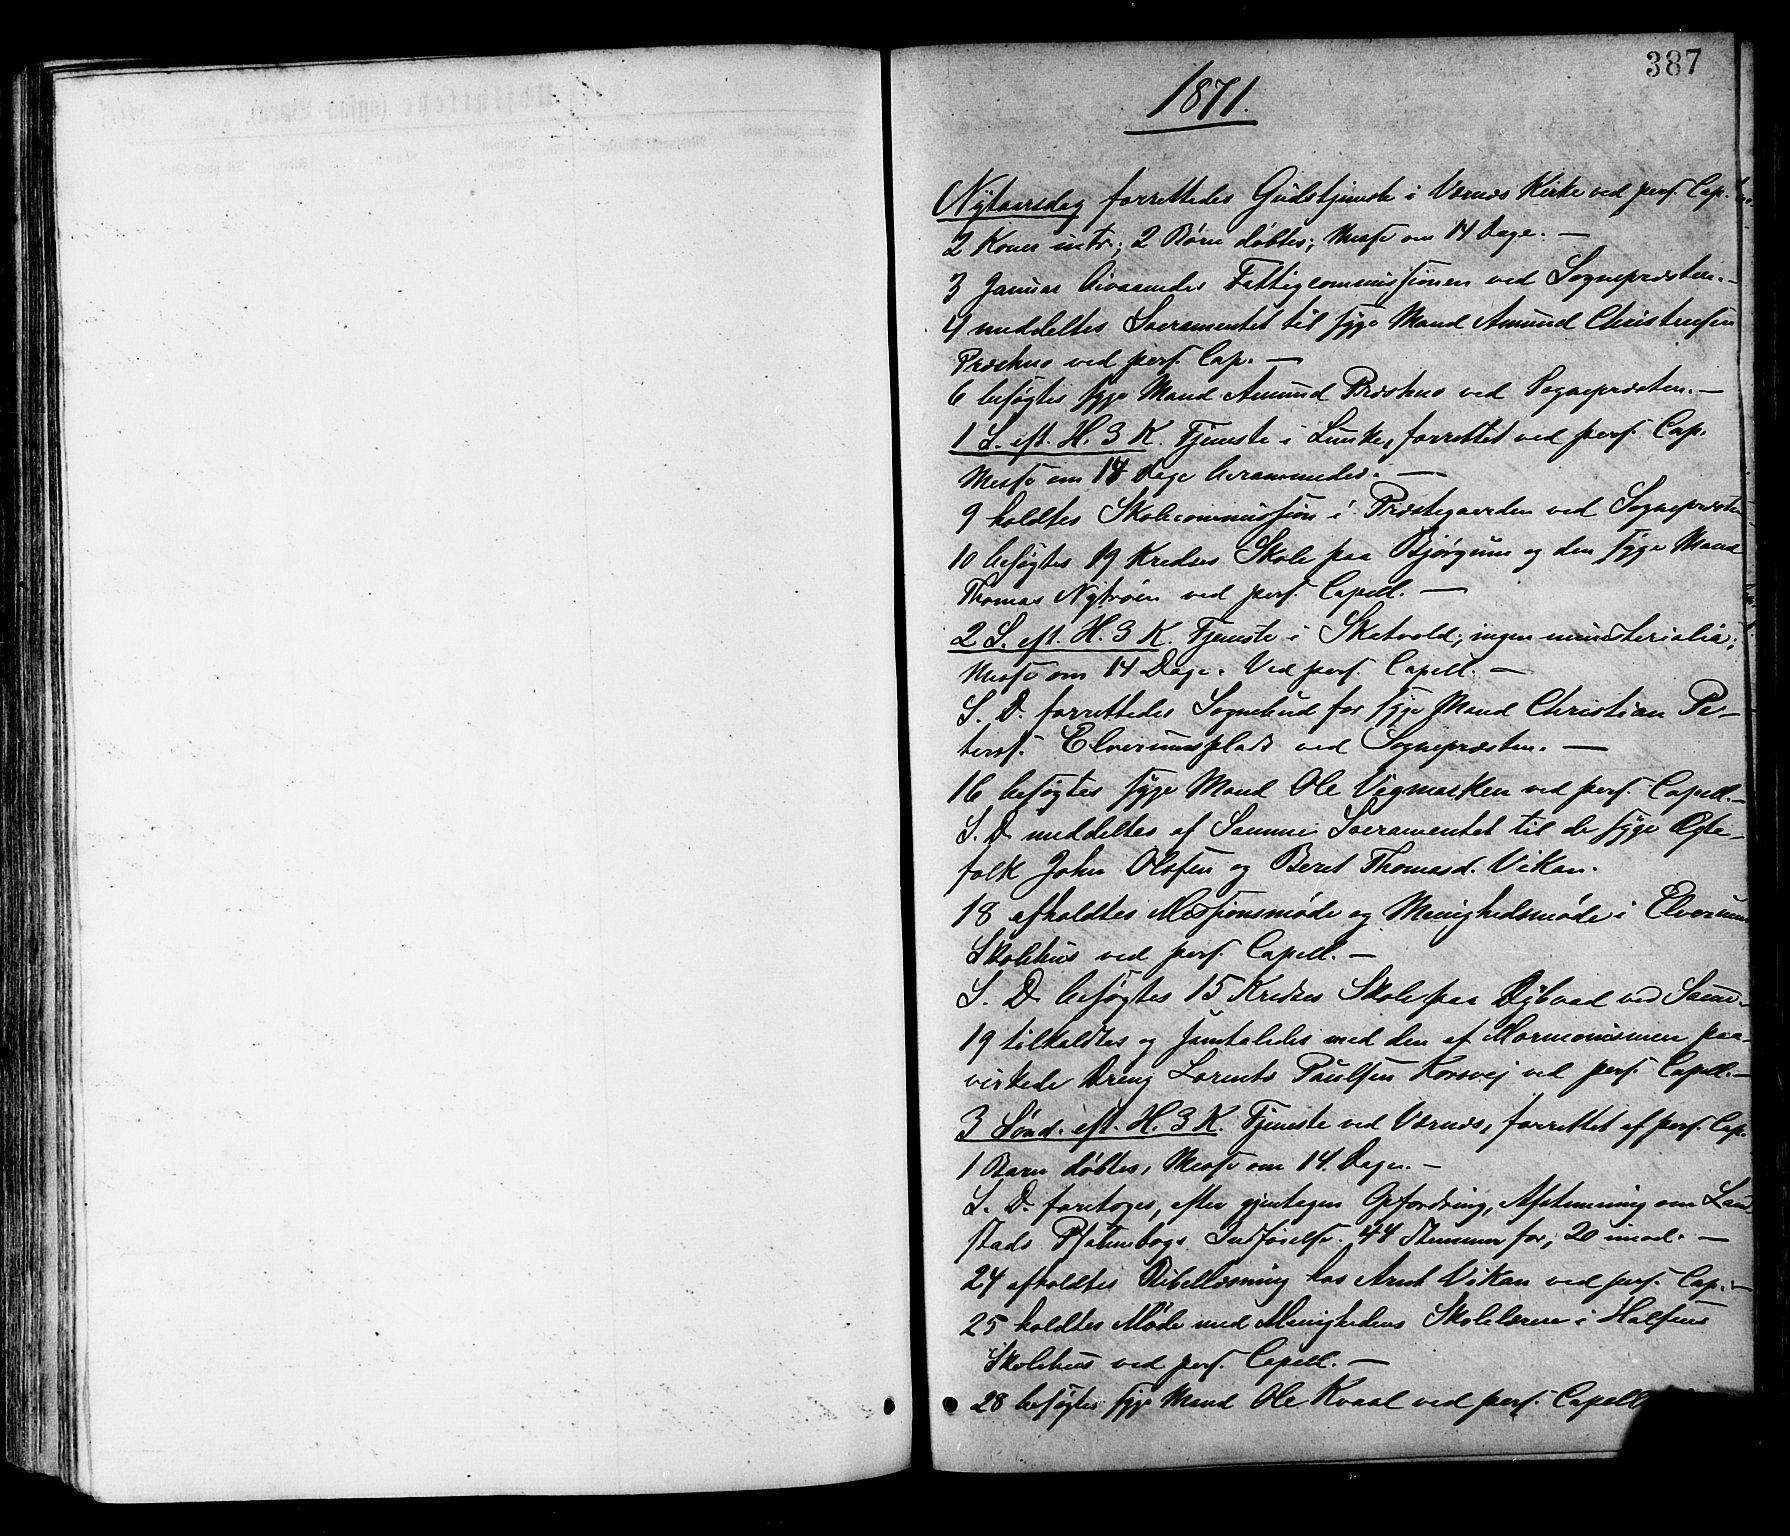 SAT, Ministerialprotokoller, klokkerbøker og fødselsregistre - Nord-Trøndelag, 709/L0076: Ministerialbok nr. 709A16, 1871-1879, s. 387